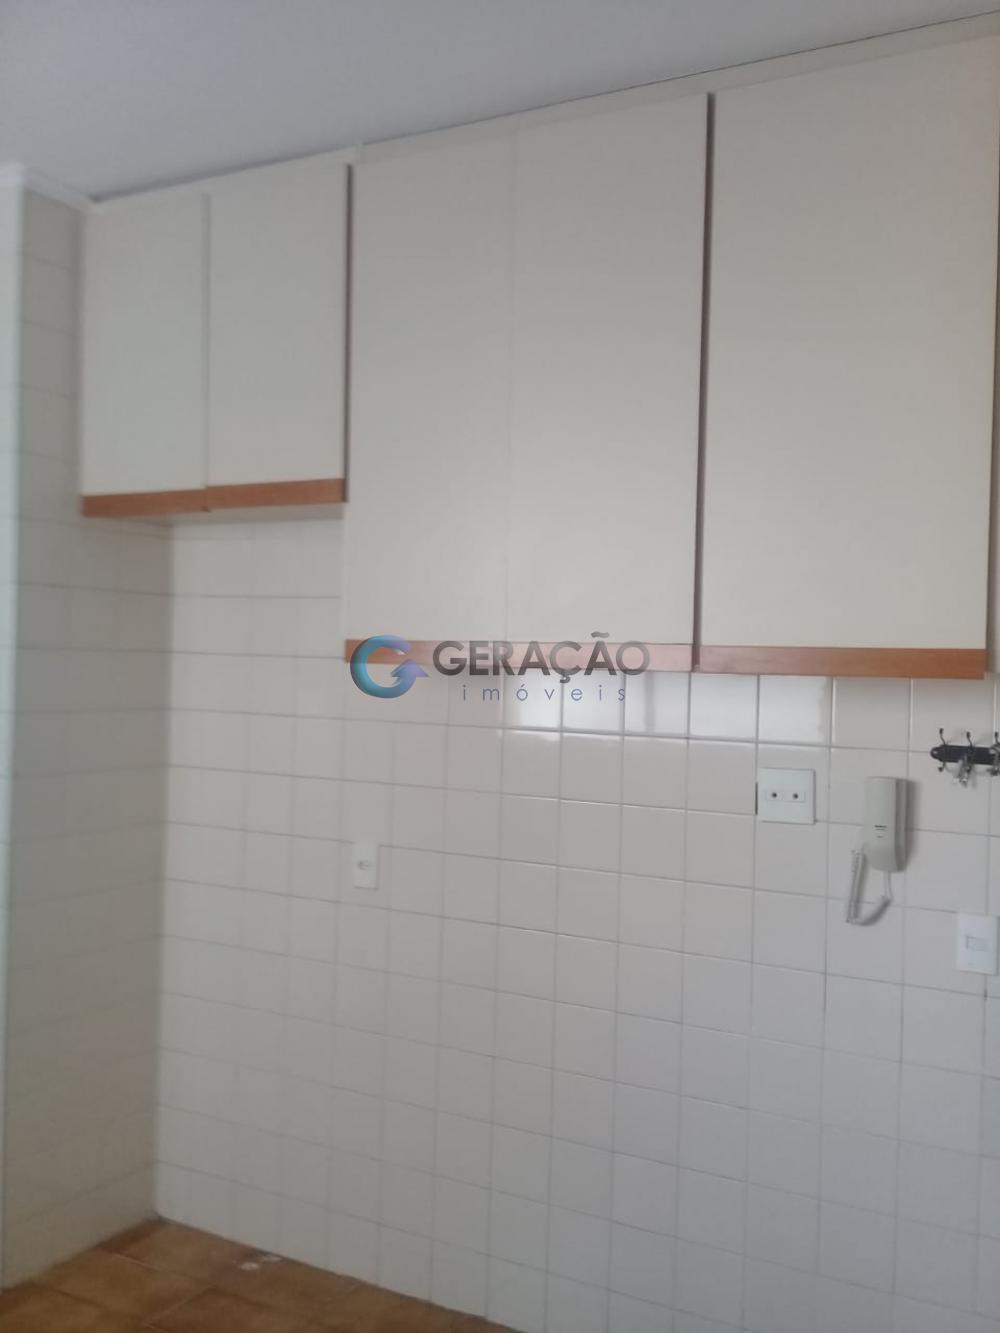 Alugar Apartamento / Padrão em São José dos Campos apenas R$ 1.750,00 - Foto 3